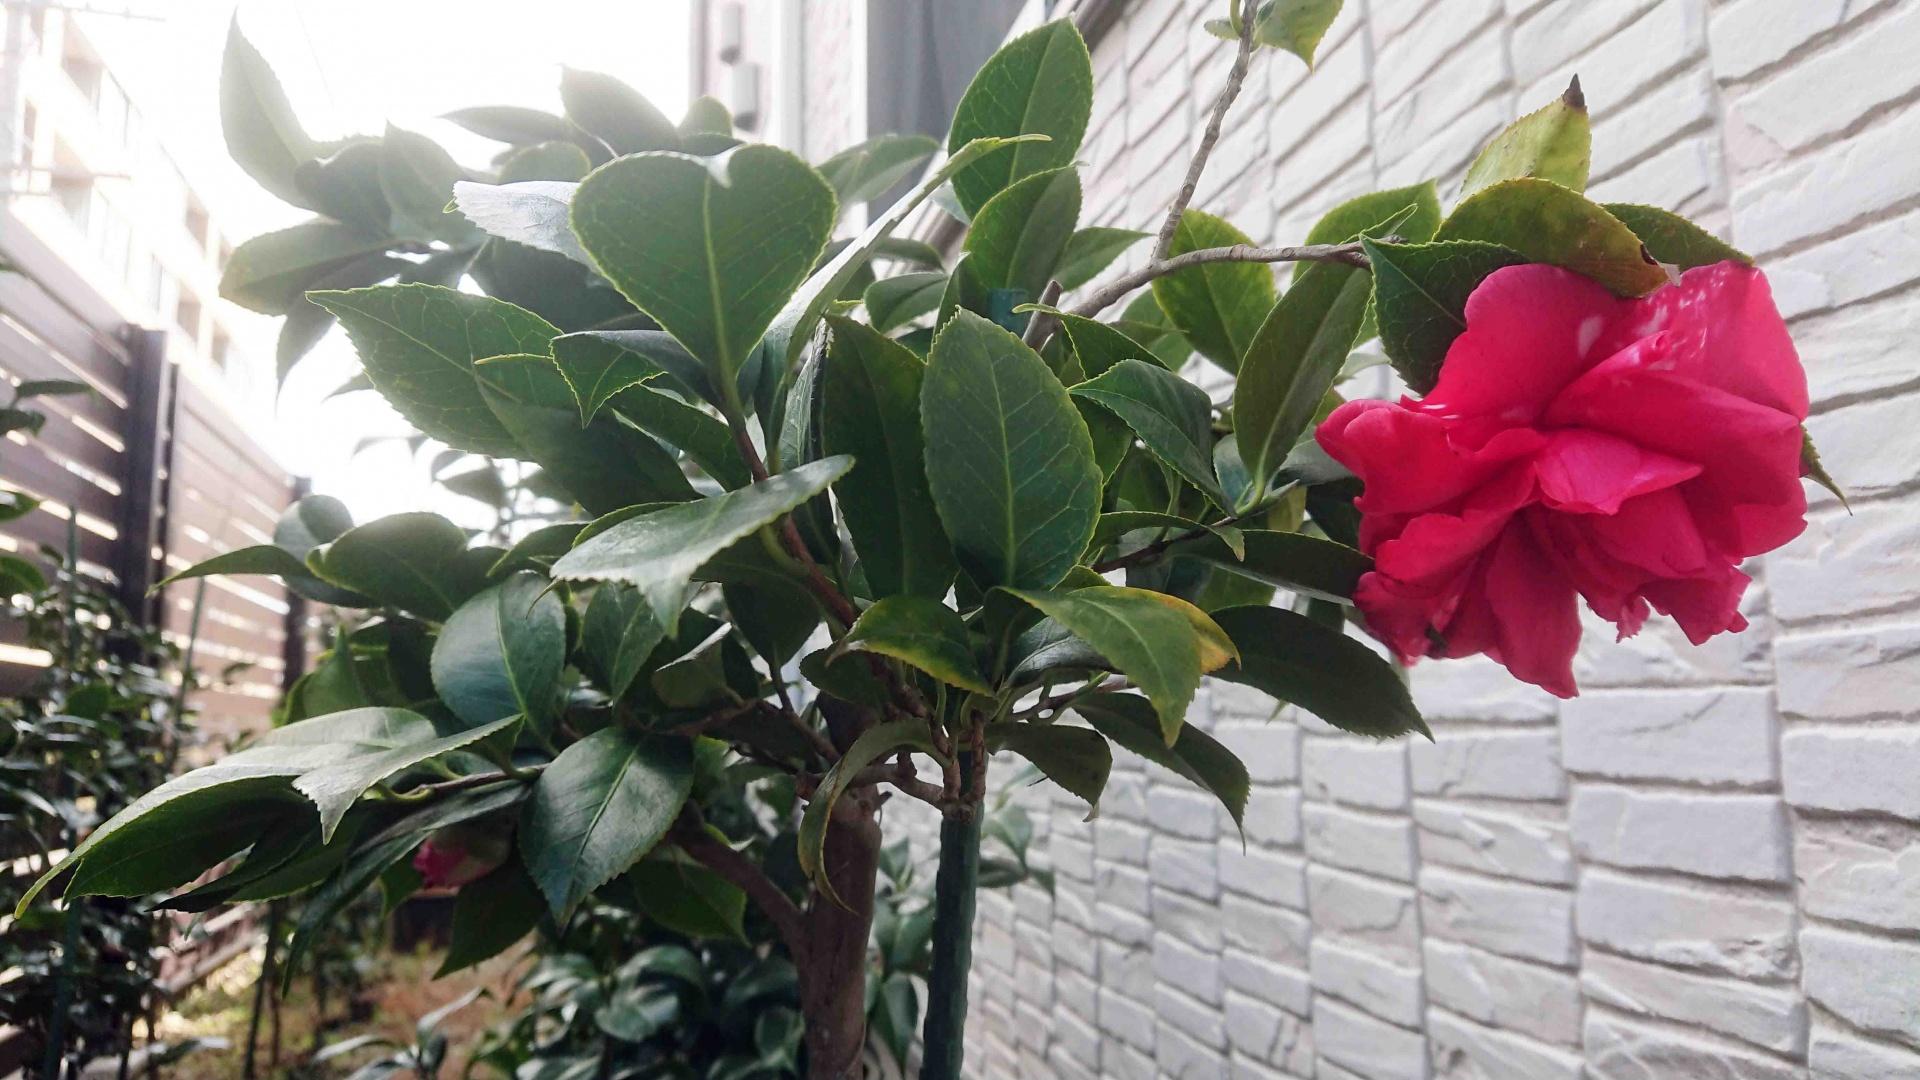 ツバキ菊冬至,2020年3月20日